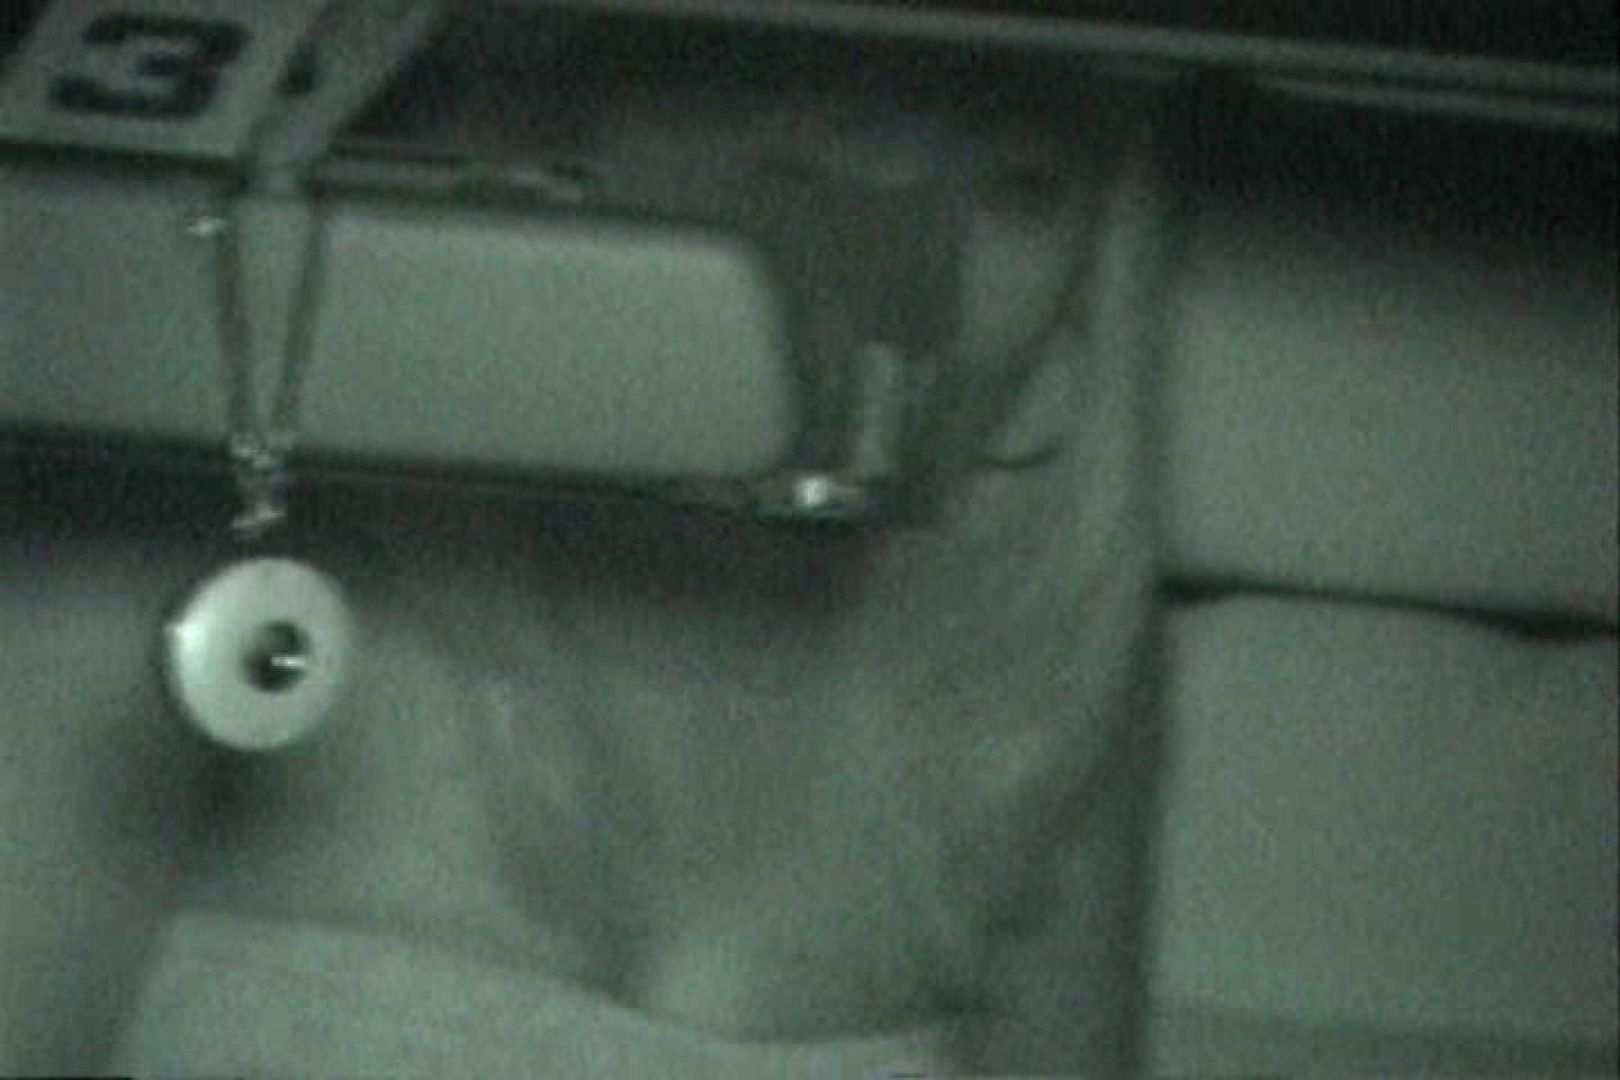 充血監督の深夜の運動会Vol.140 エロティックなOL エロ無料画像 71画像 44